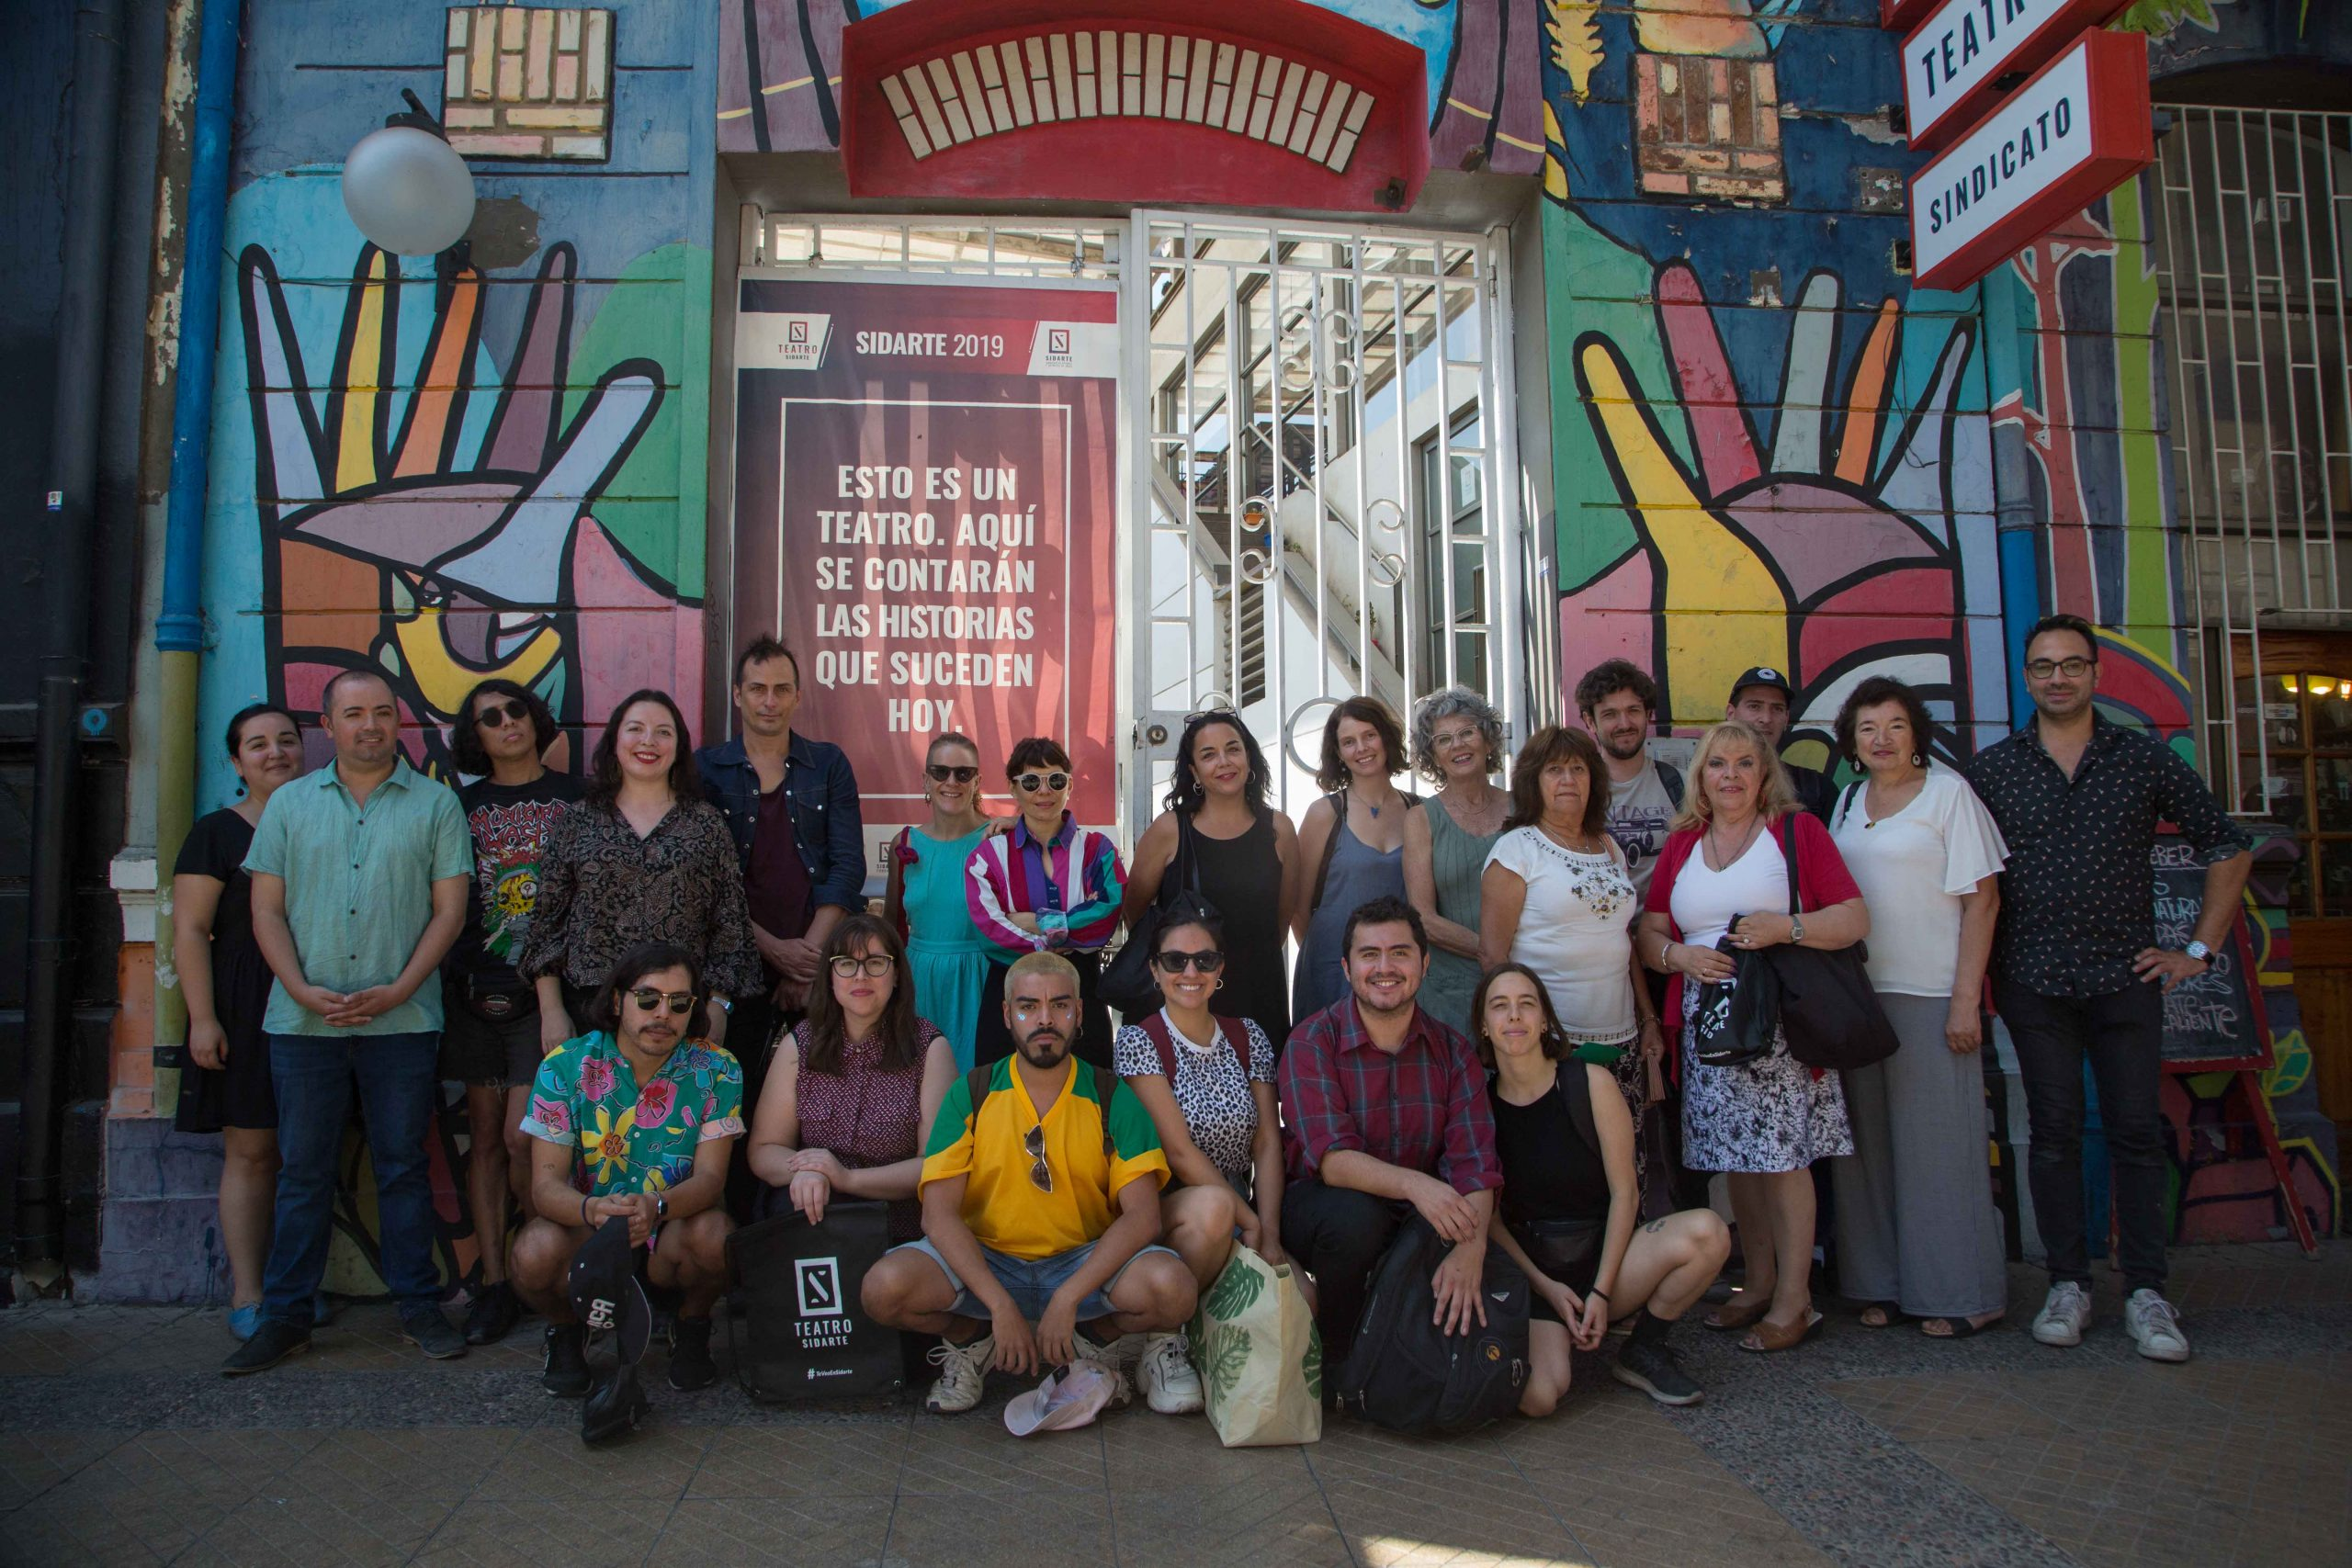 Programación 2020 Teatro Sidarte: Teatro joven y contemporáneo para esta nueva temporada